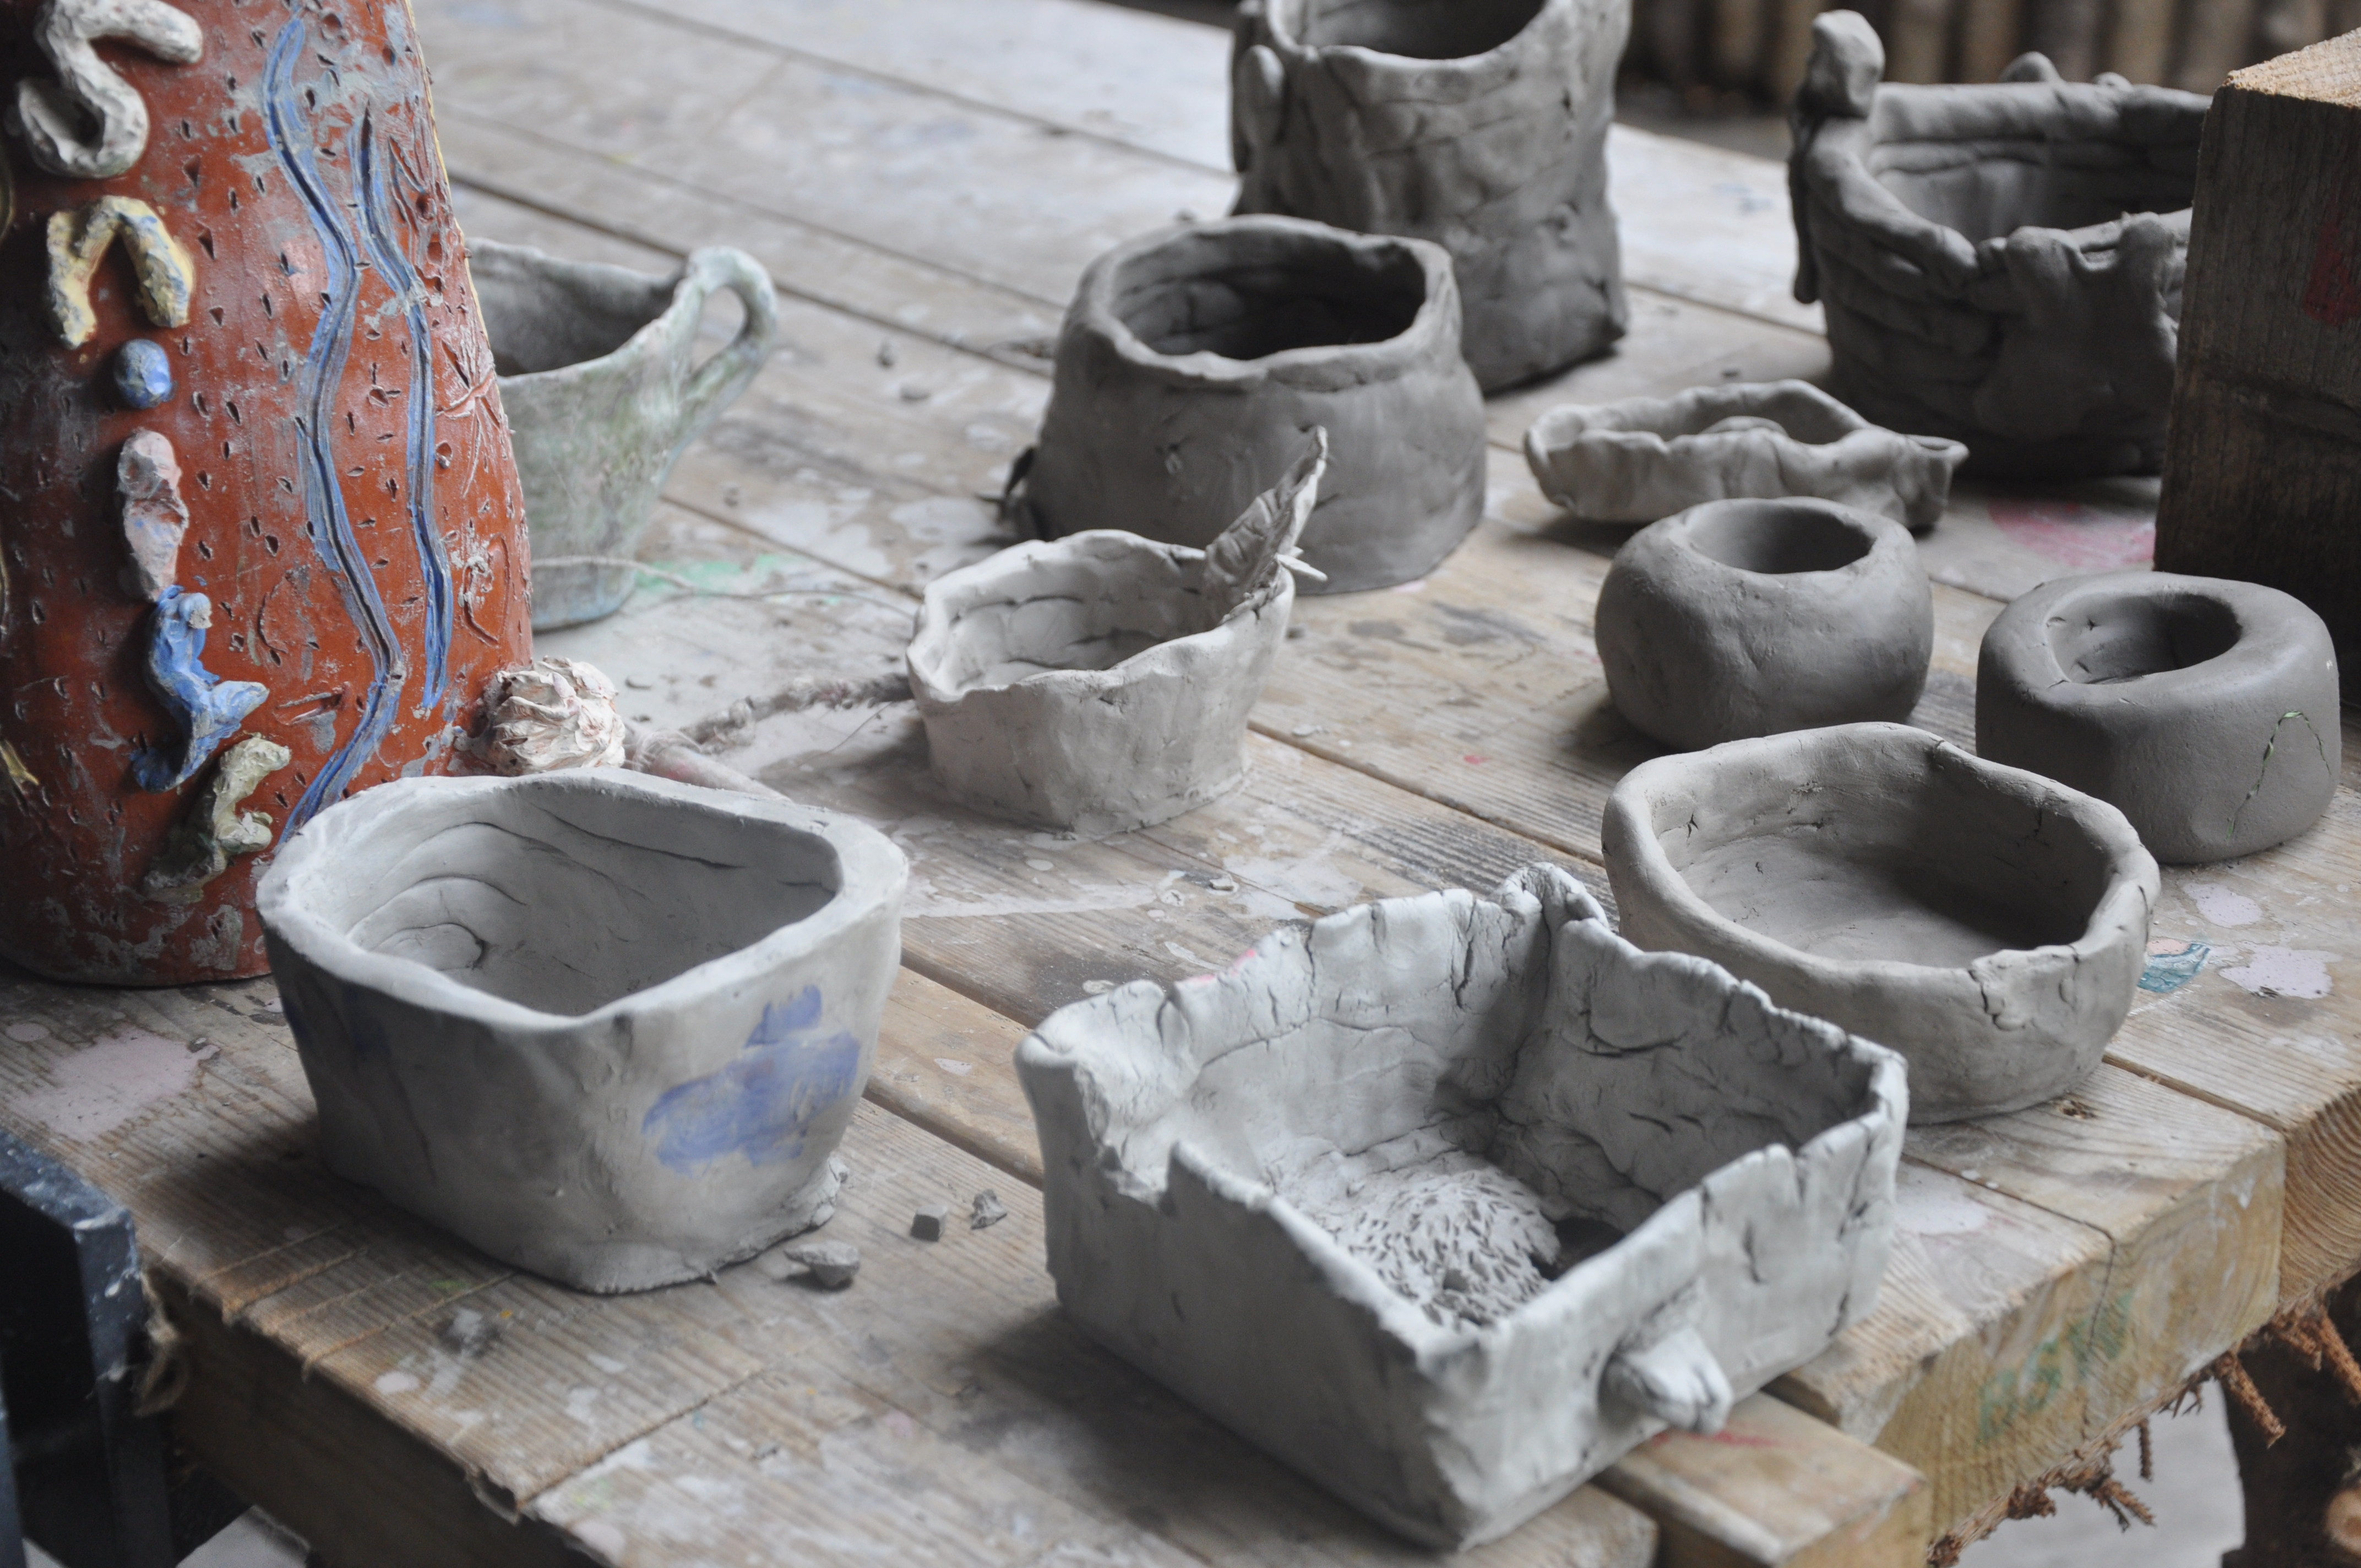 Children's Coil Pots